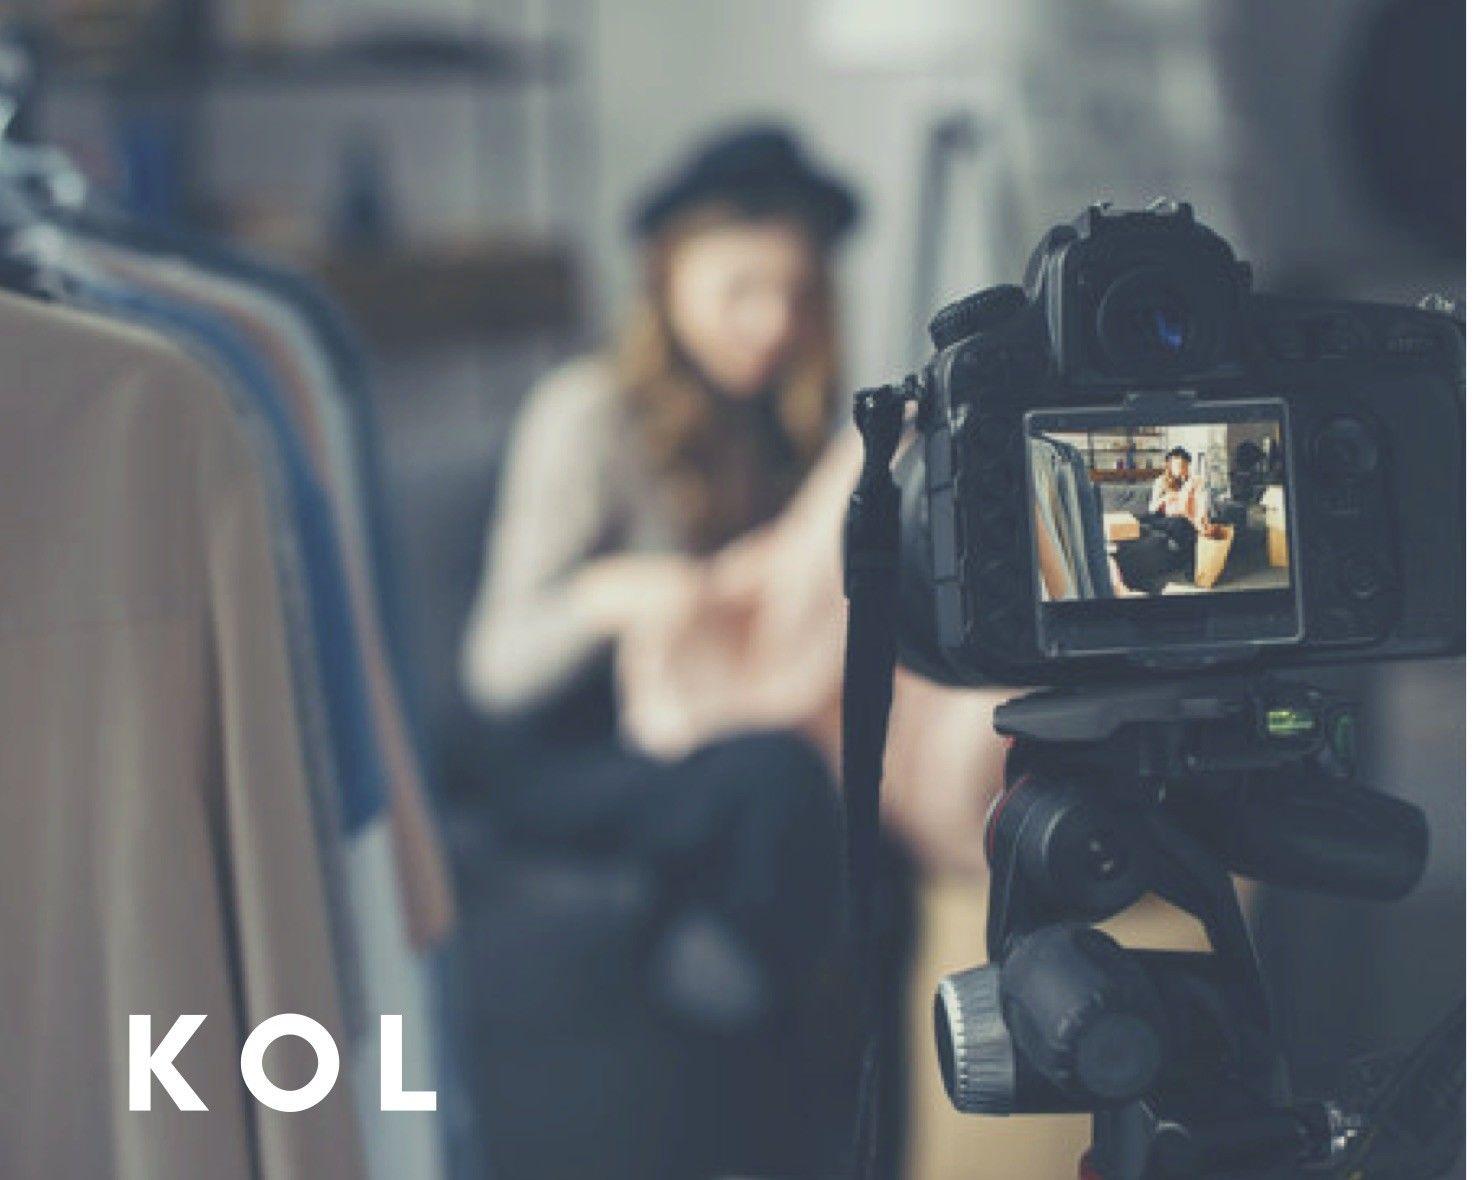 2019社群行銷趨勢,更重視KOL與自身價值連結-鯊客科技SEO網頁設計公司